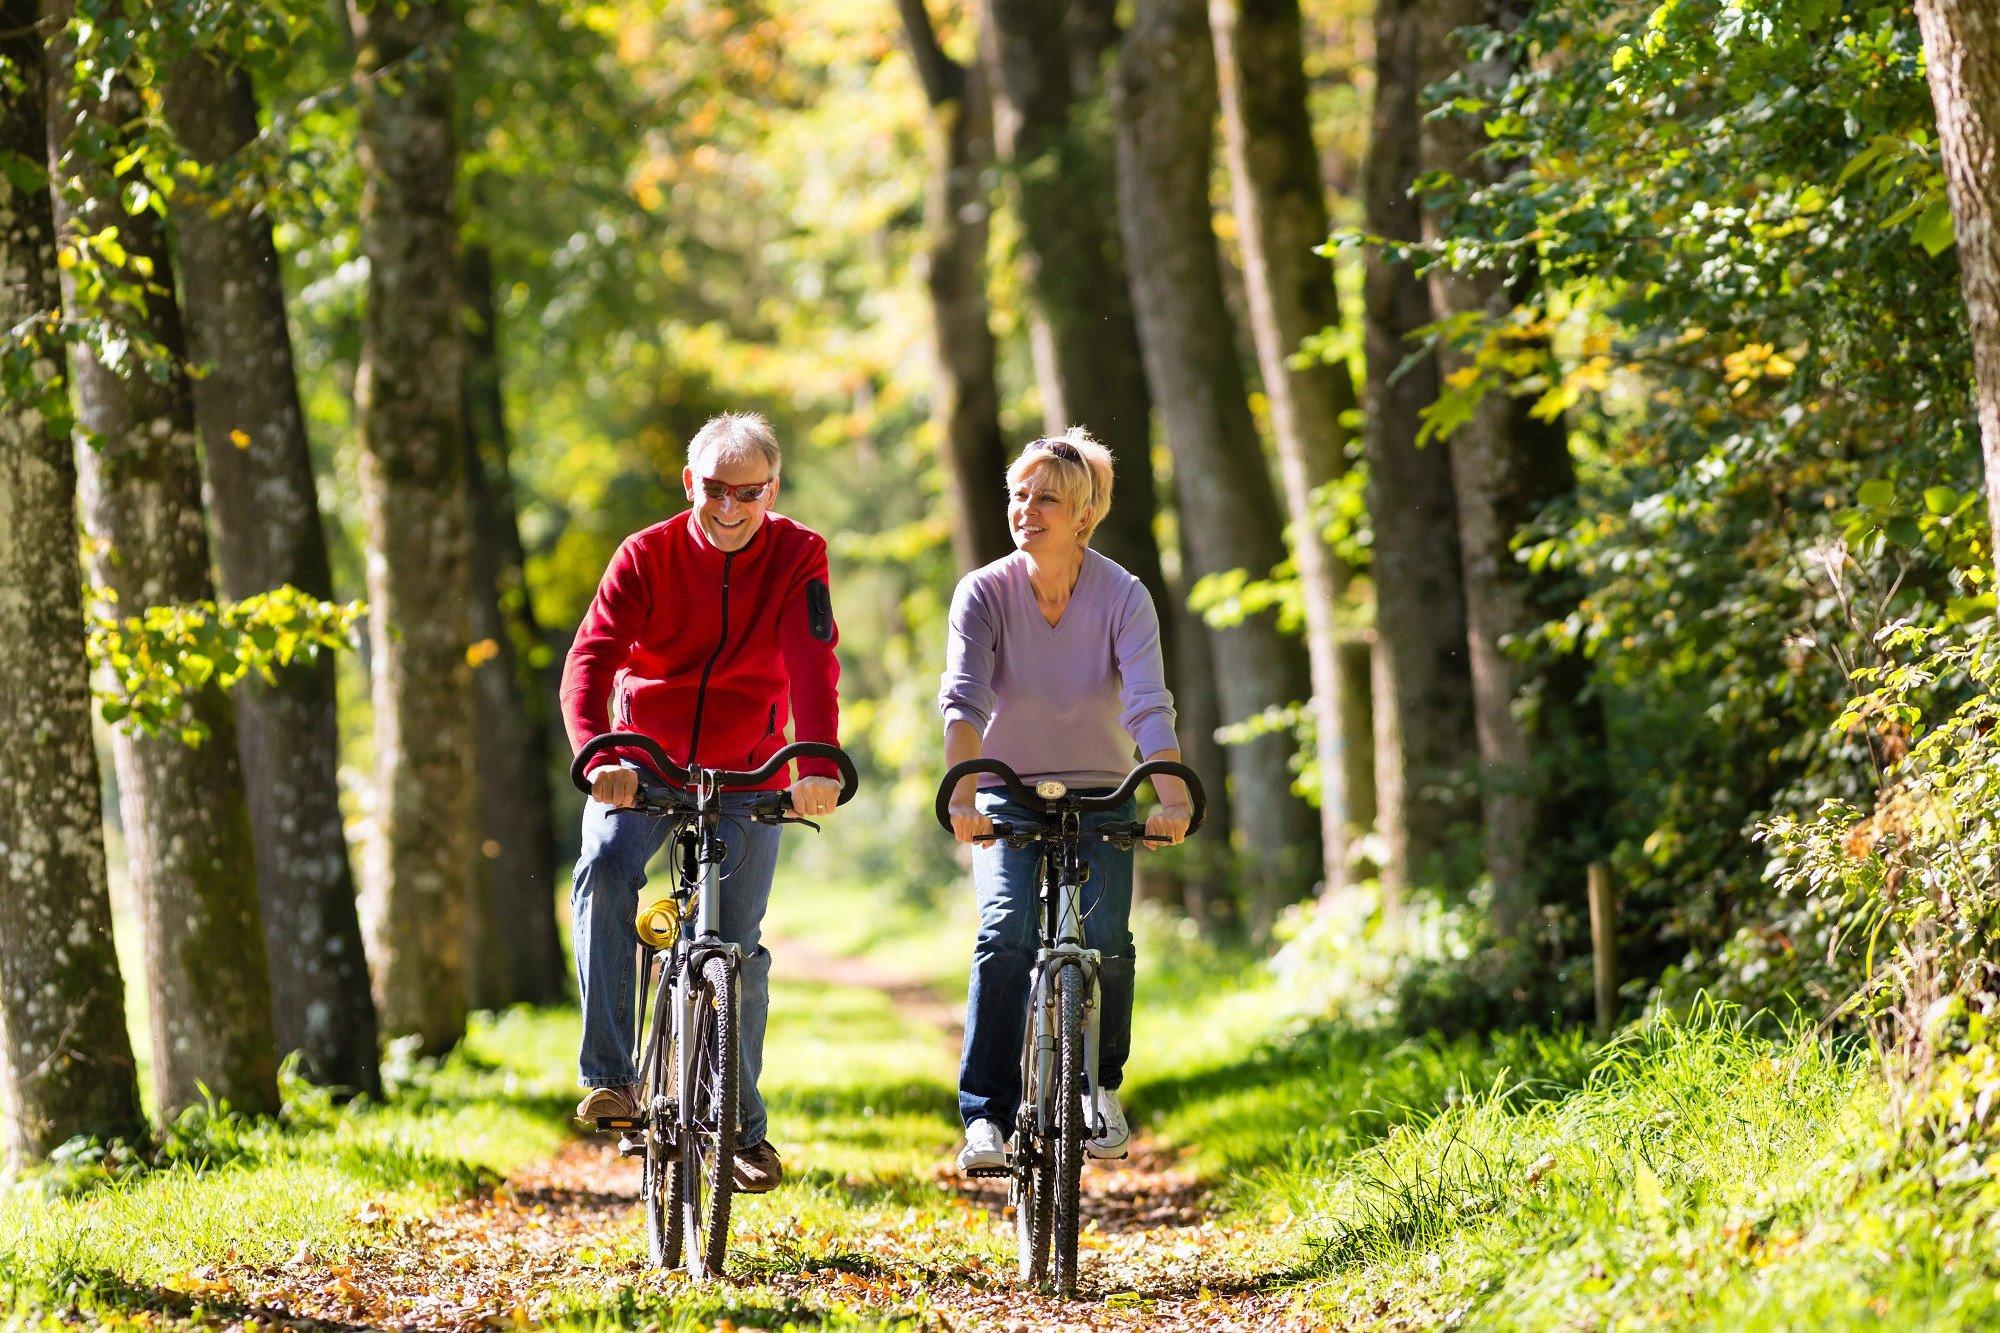 Dagaanbieding - 4 of 7-daagse fietsvakantie door Twente o.b.v. halfpension incl. hotels en extra's dagelijkse koopjes